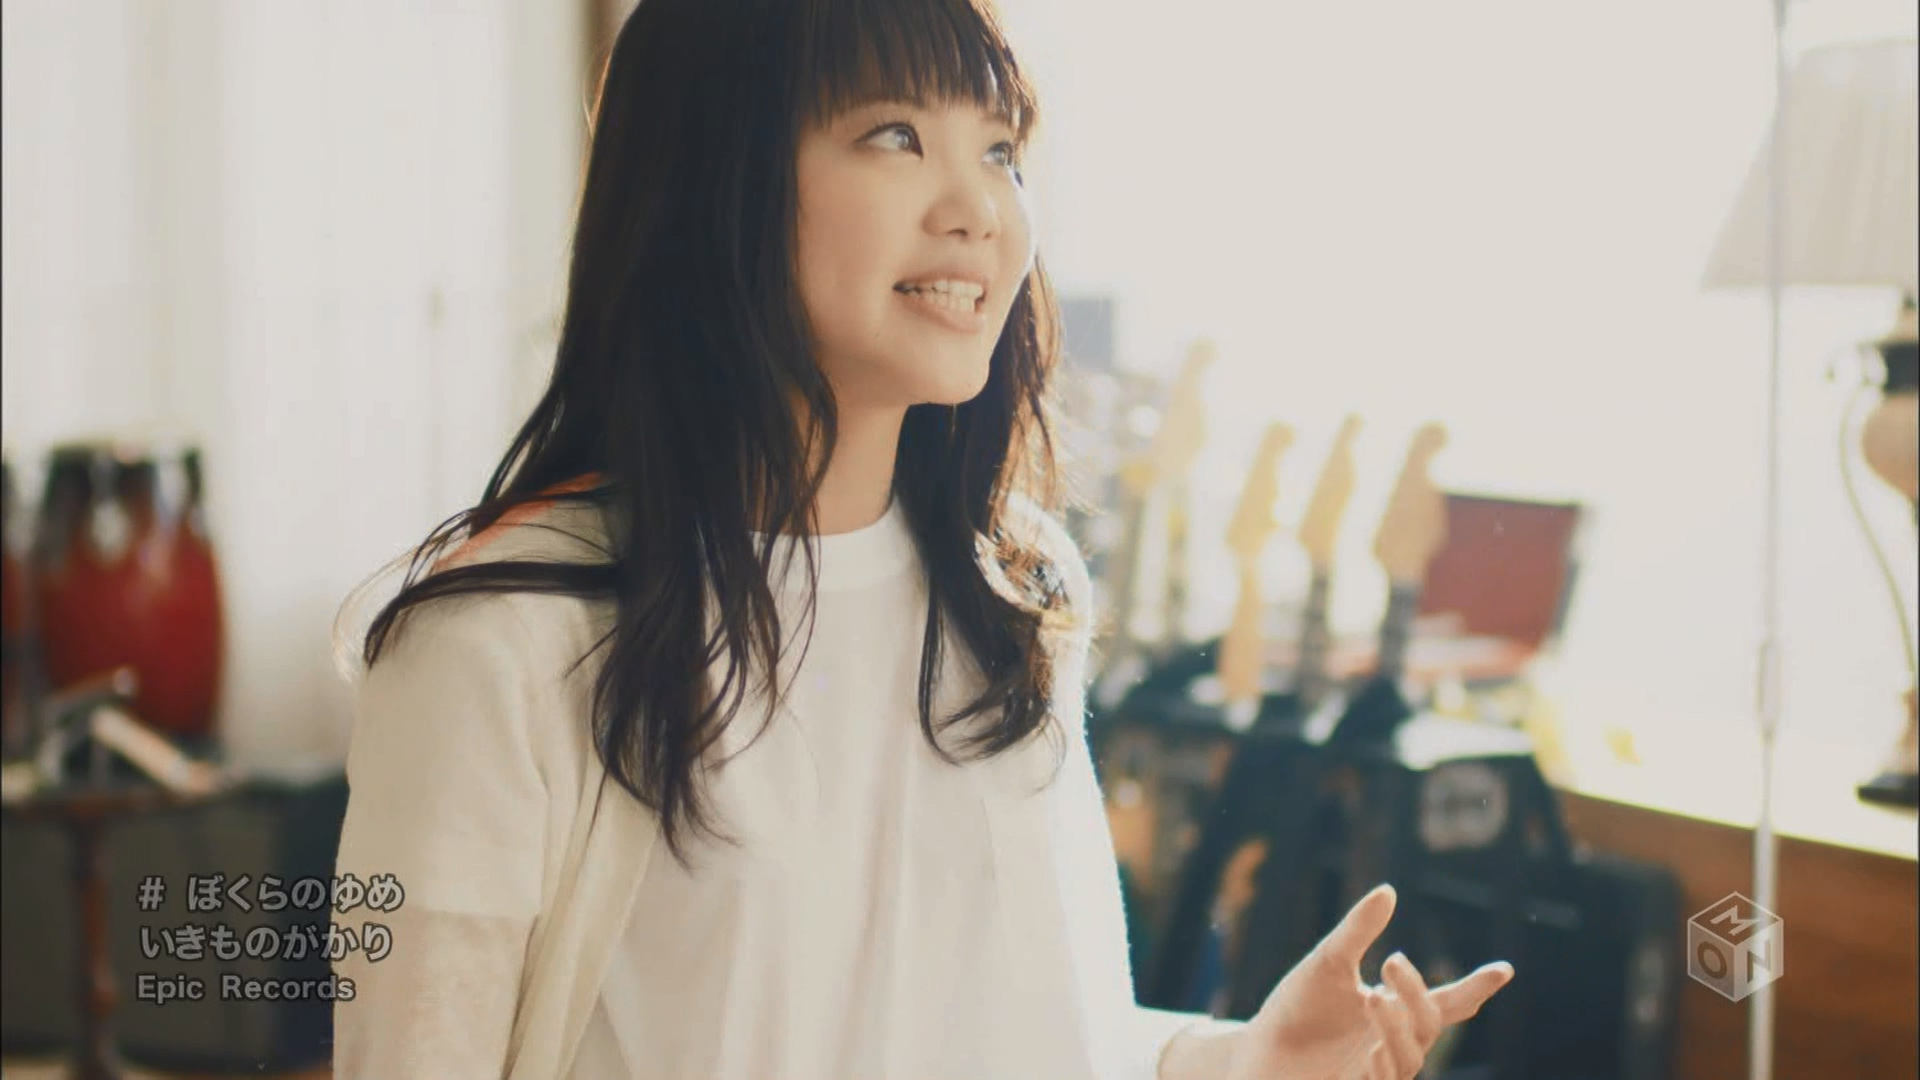 2016.03.16 いきものがかり - ぼくらのゆめ(M-ON!).ts_20160317_073522.774